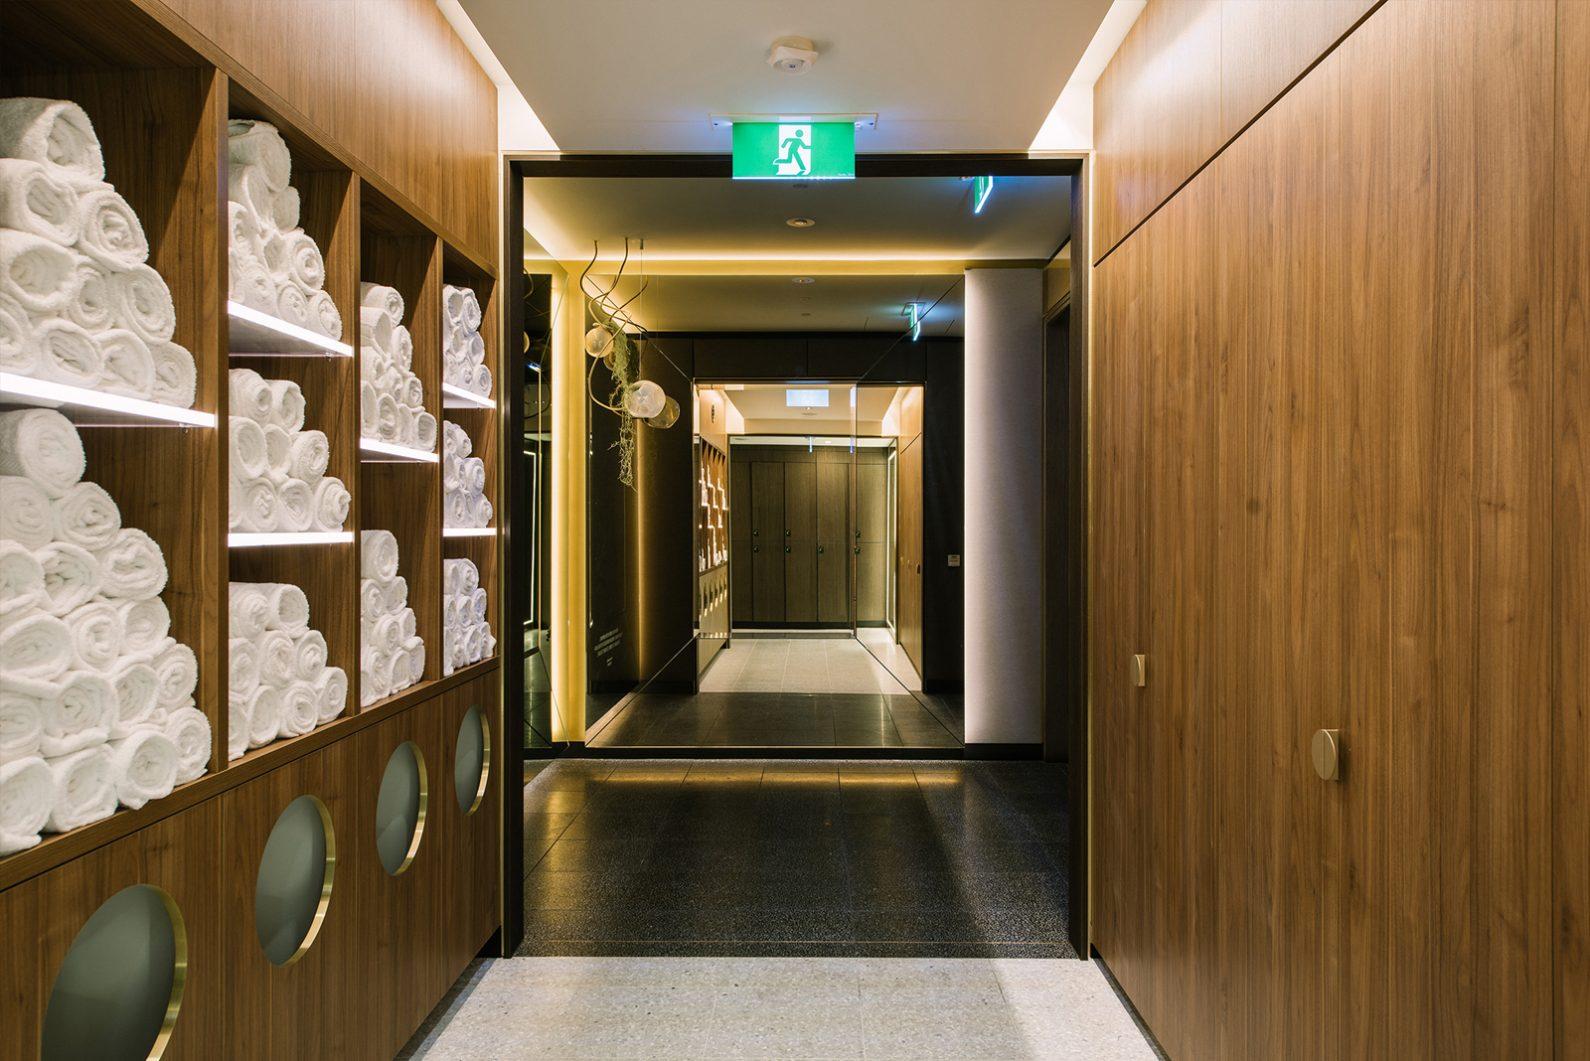 ONE Mirror (Hallway)